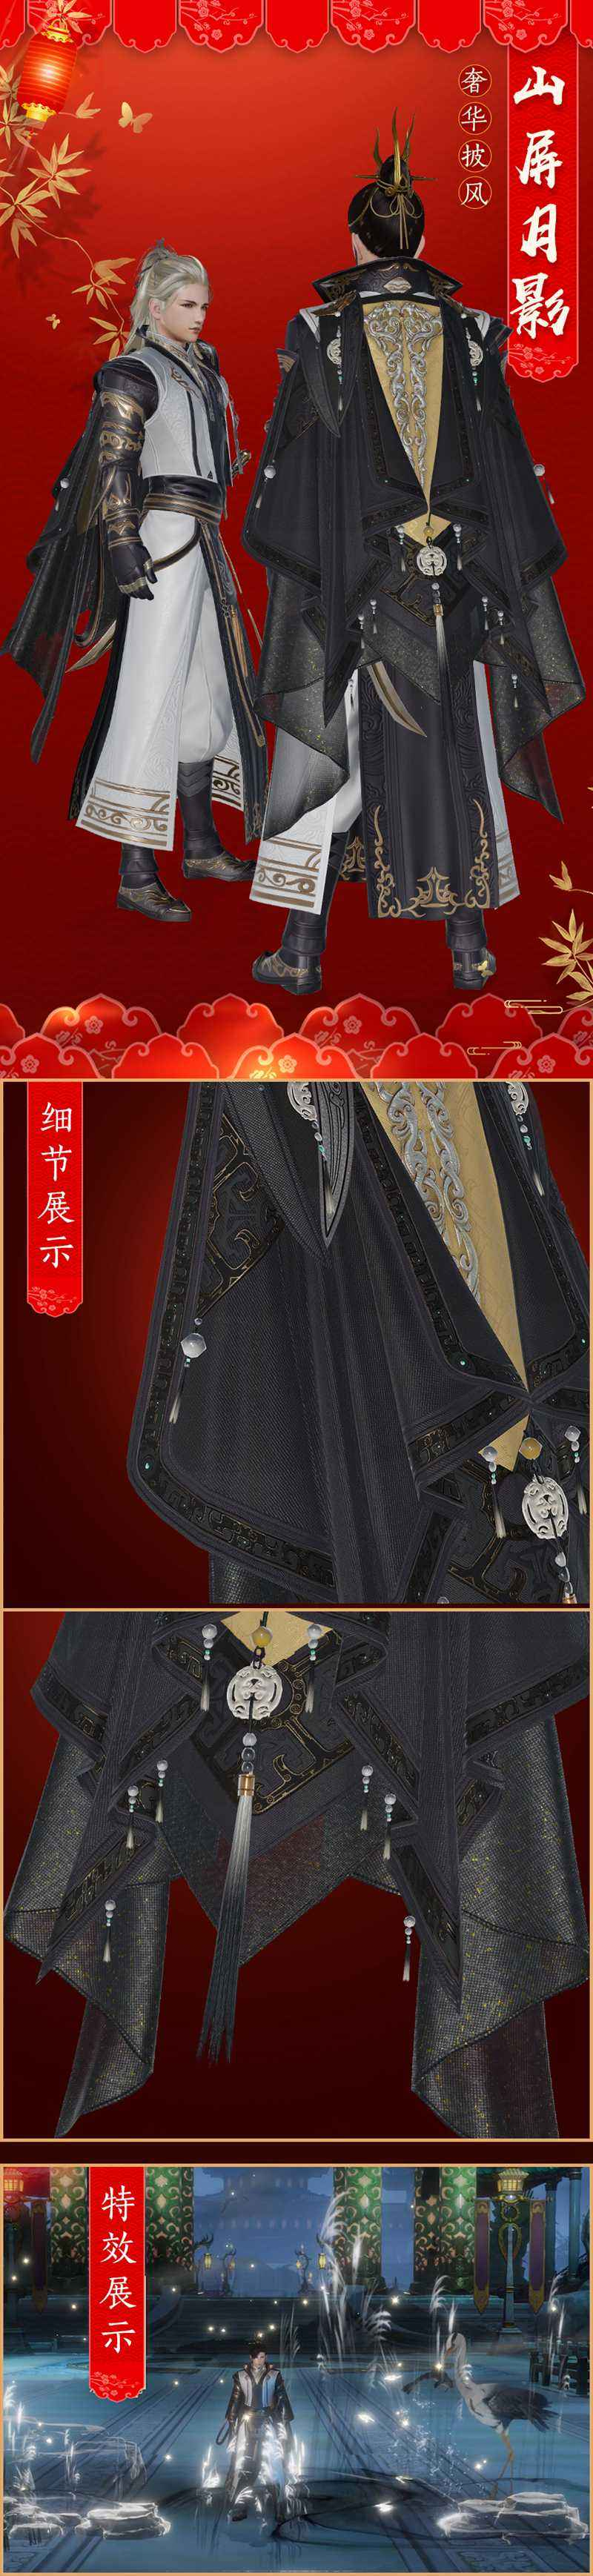 《剑网3》元宵节活动明日上线 主题披风面具来袭